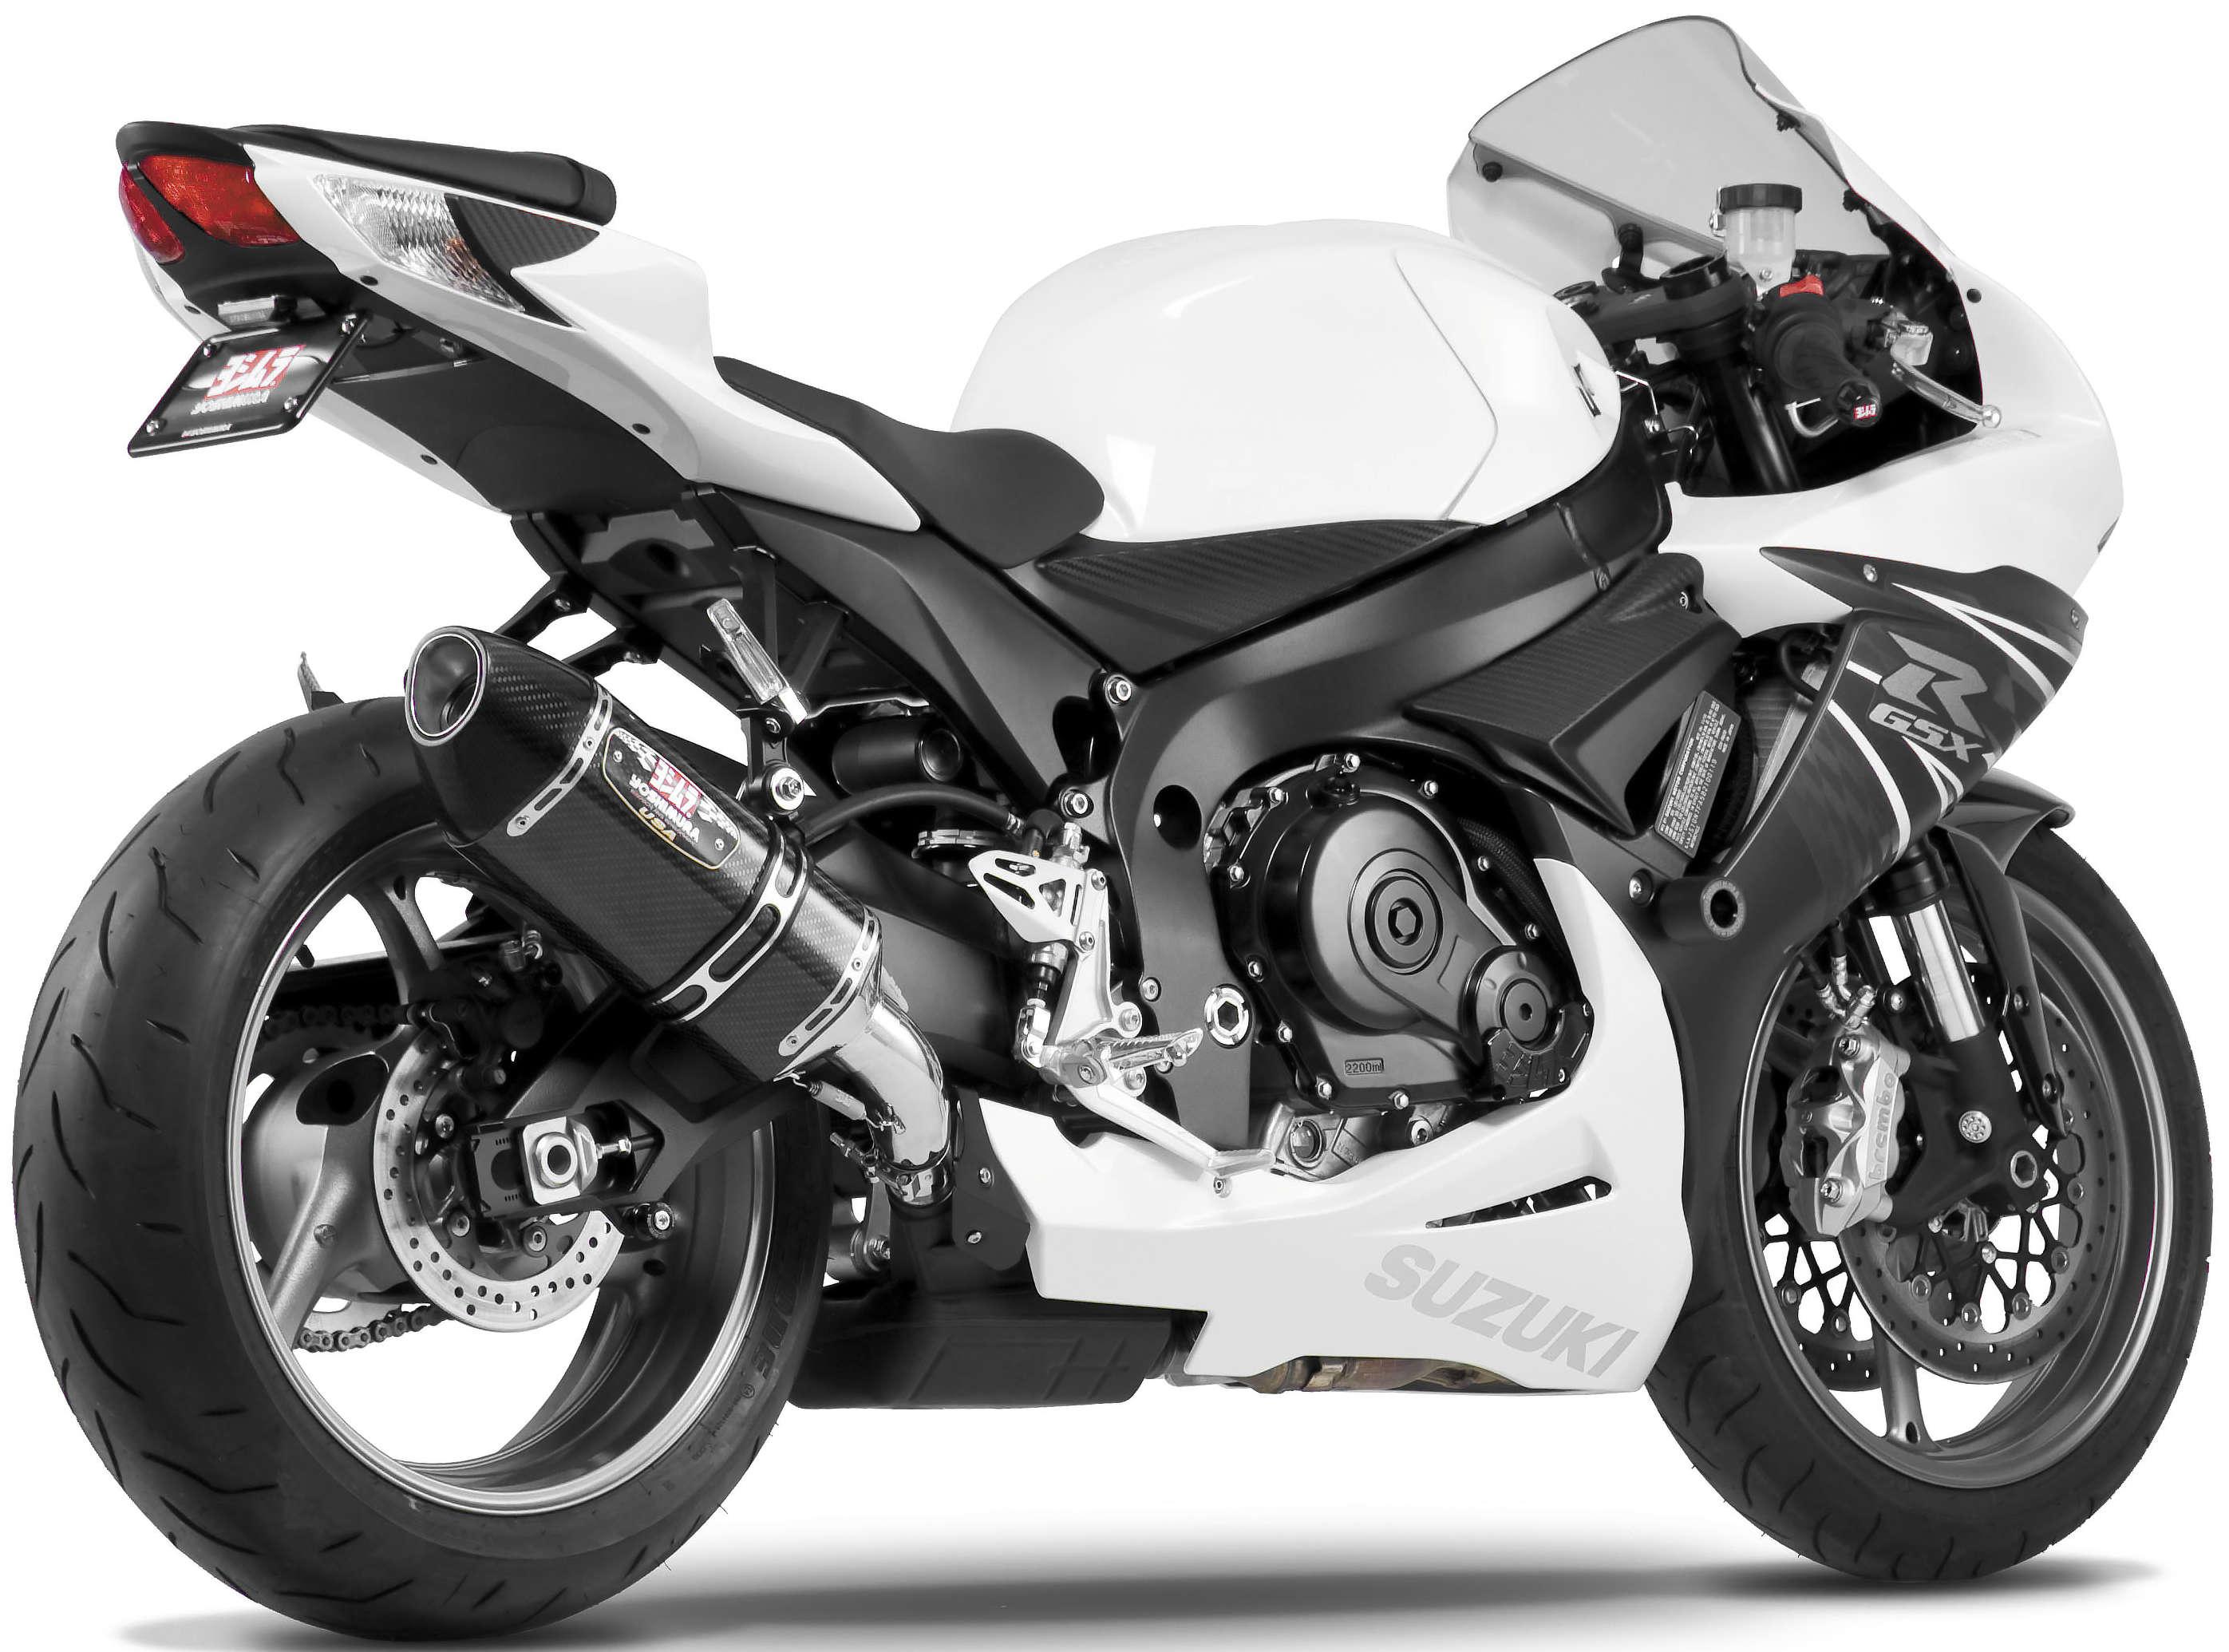 Yoshimura 1160020220 Carbon Fiber R77 Exhaust Suzuki Gsxr600 2011